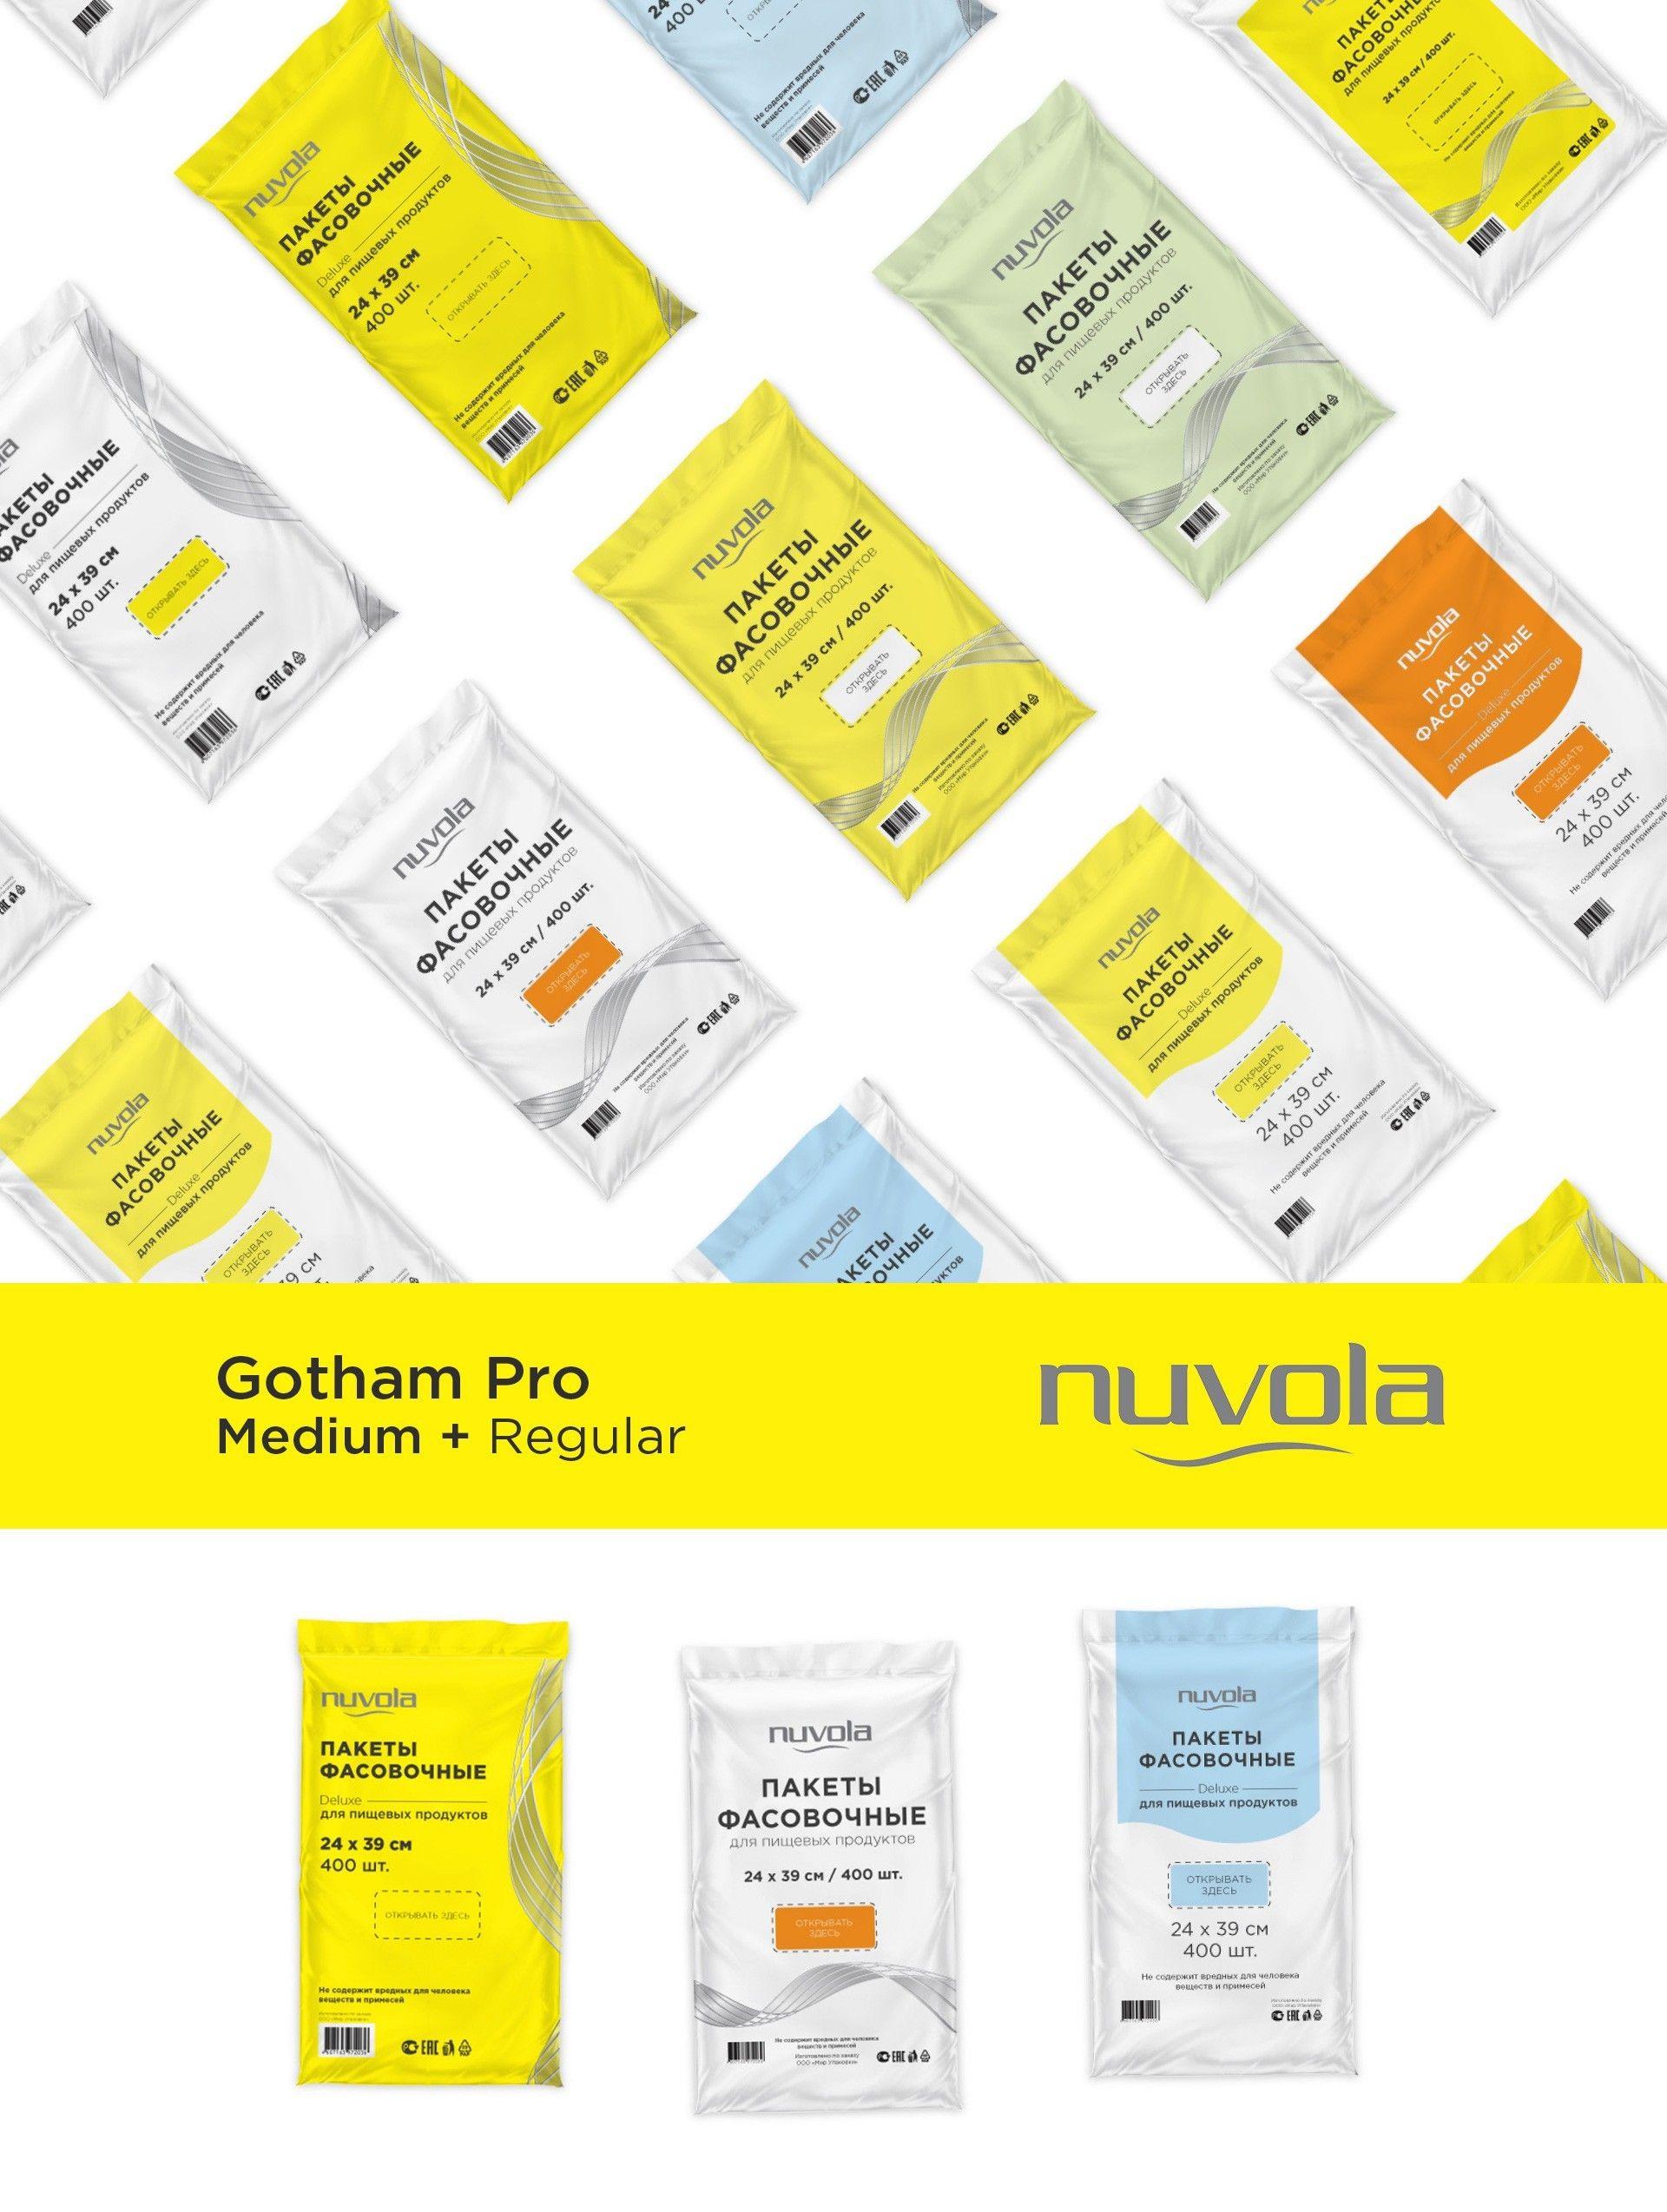 Дизайн упаковки Nuvola